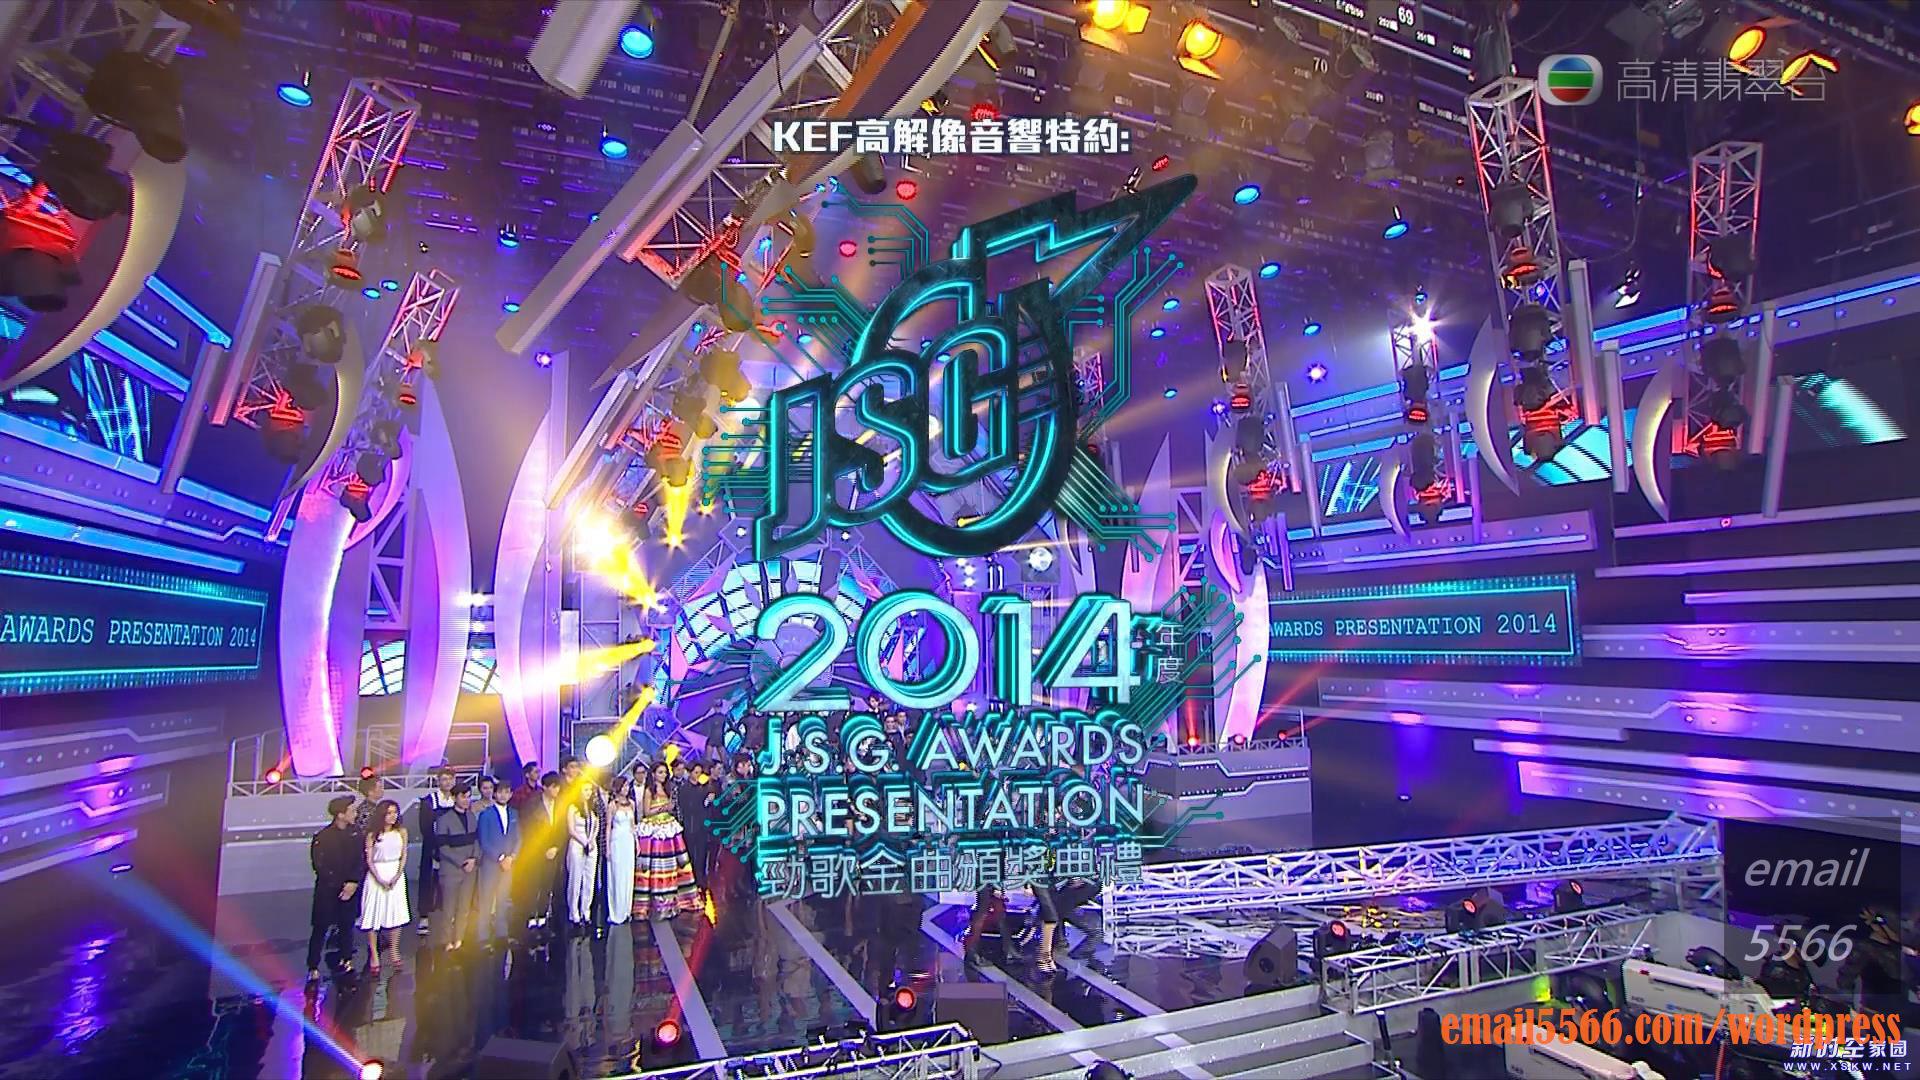 191952pv7v6uvsk9n96jcg [香港] 2014年度TVB勁歌金曲頒獎典禮 [香港] 2014年度TVB勁歌金曲頒獎典禮 191952pv7v6uvsk9n96jcg